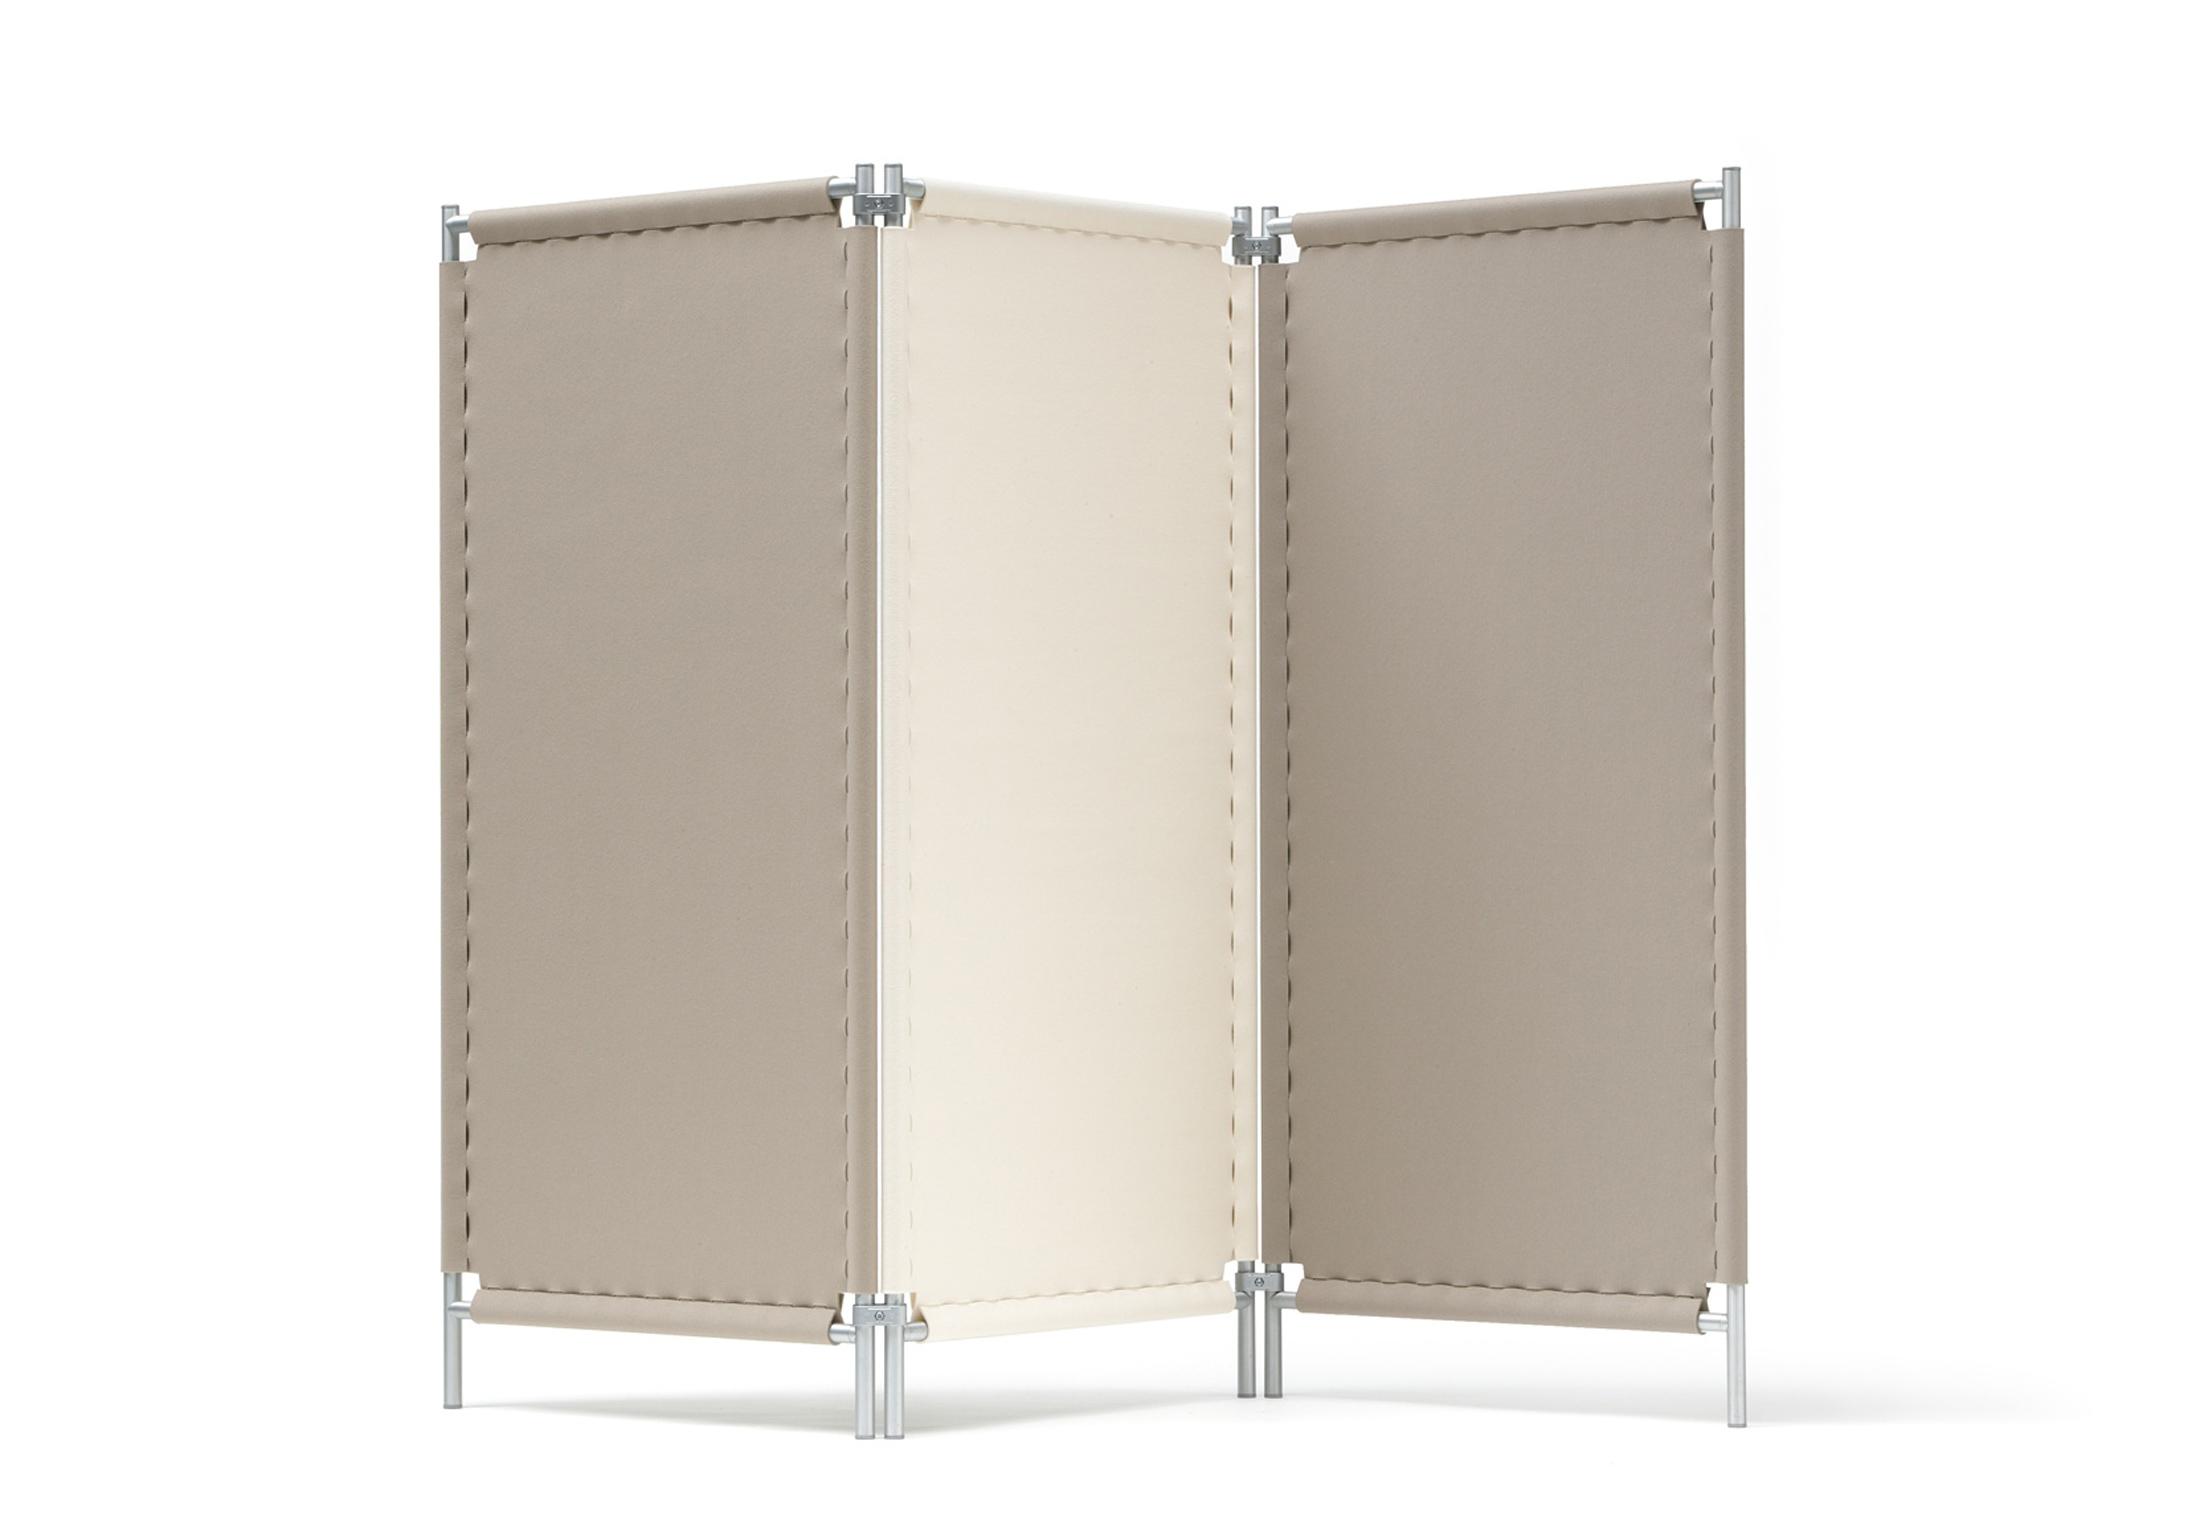 grasekamp paravent interesting foto grasekamp paravent. Black Bedroom Furniture Sets. Home Design Ideas